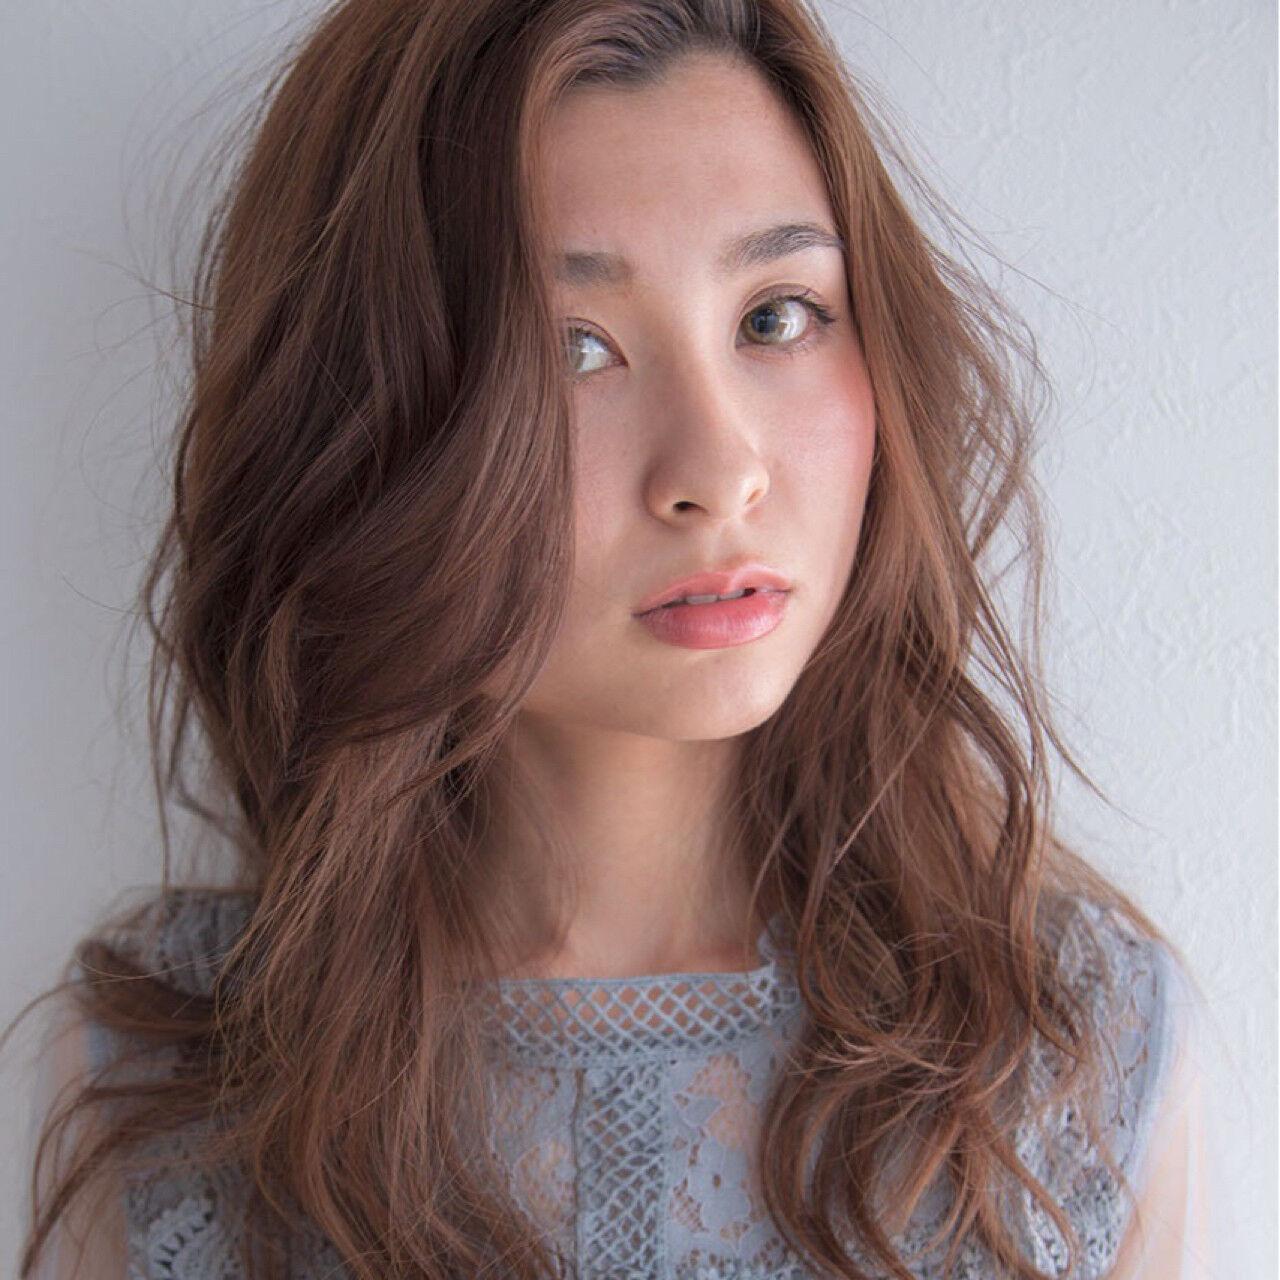 セミロング ゆるふわ 巻き髪 カールヘアスタイルや髪型の写真・画像